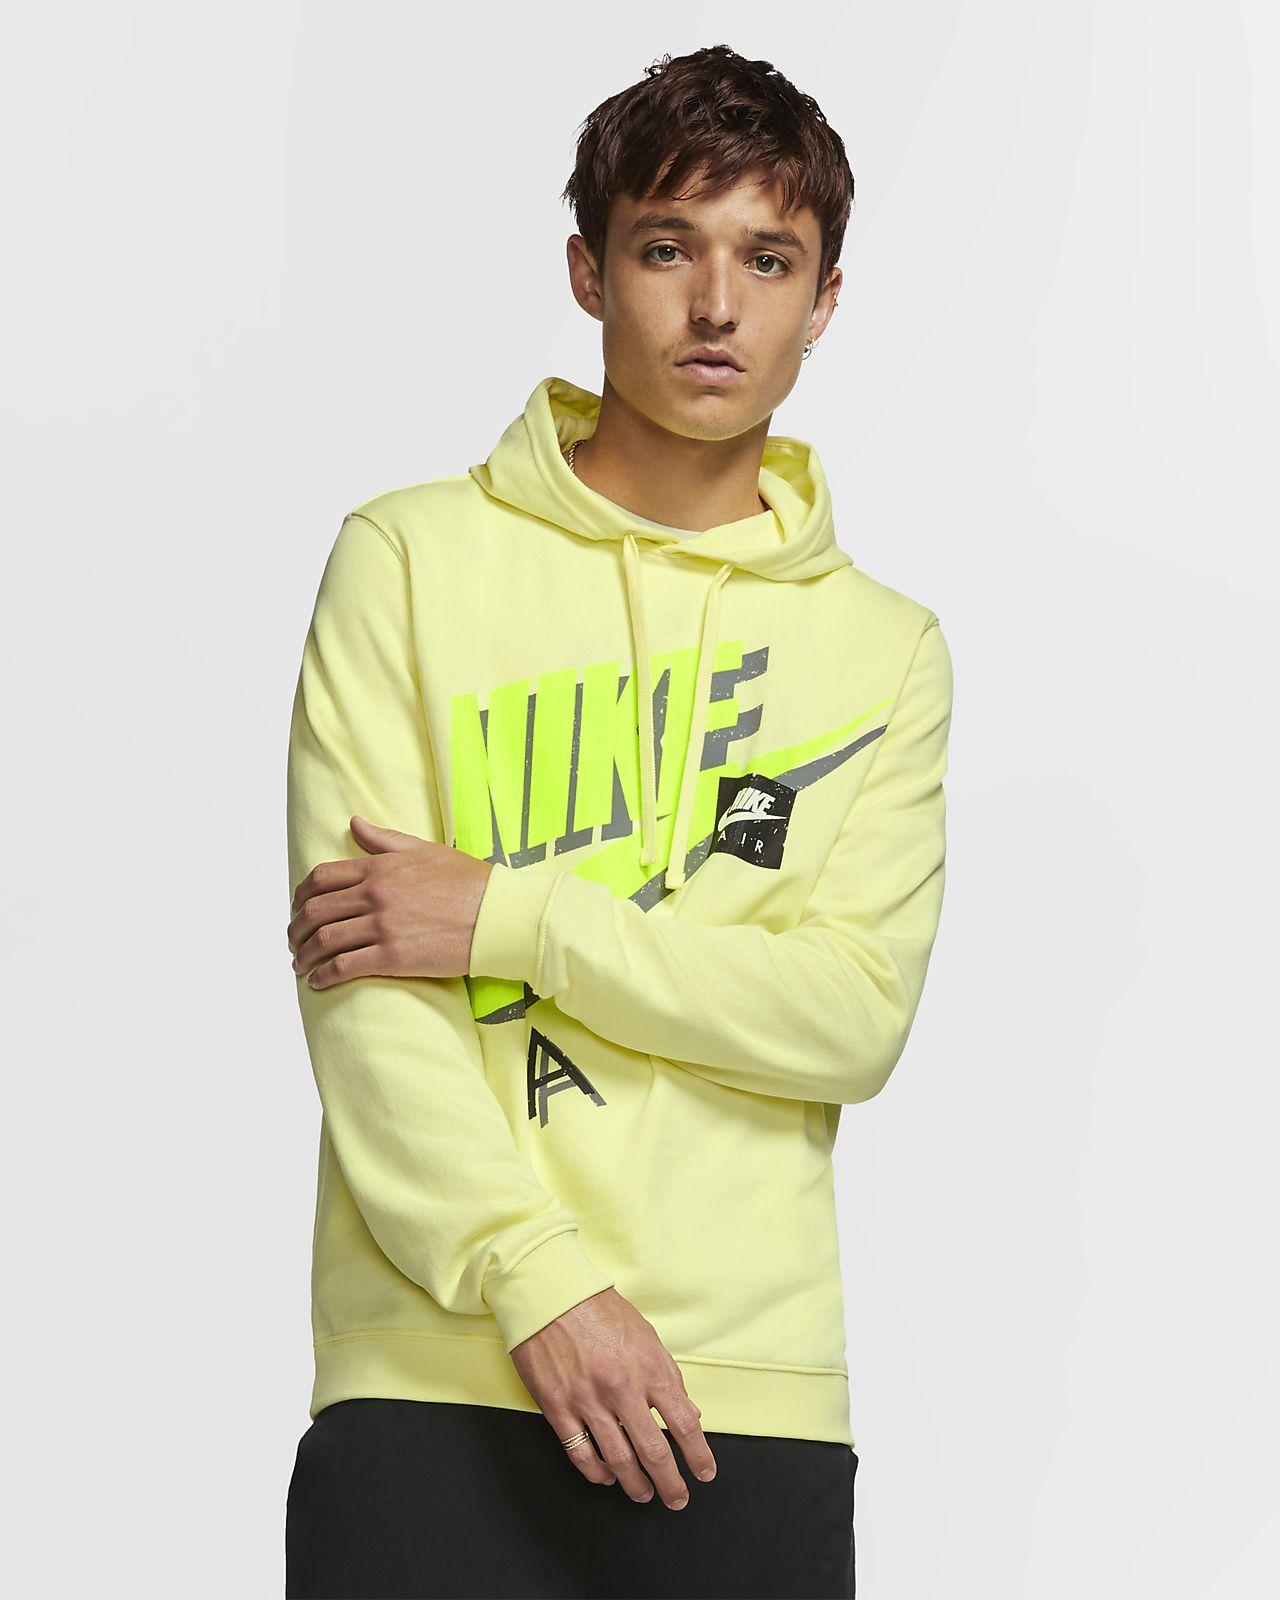 1ca32e4662 ... belebújós férfipulóver Nike Sportswear kapucnis, belebújós férfipulóver